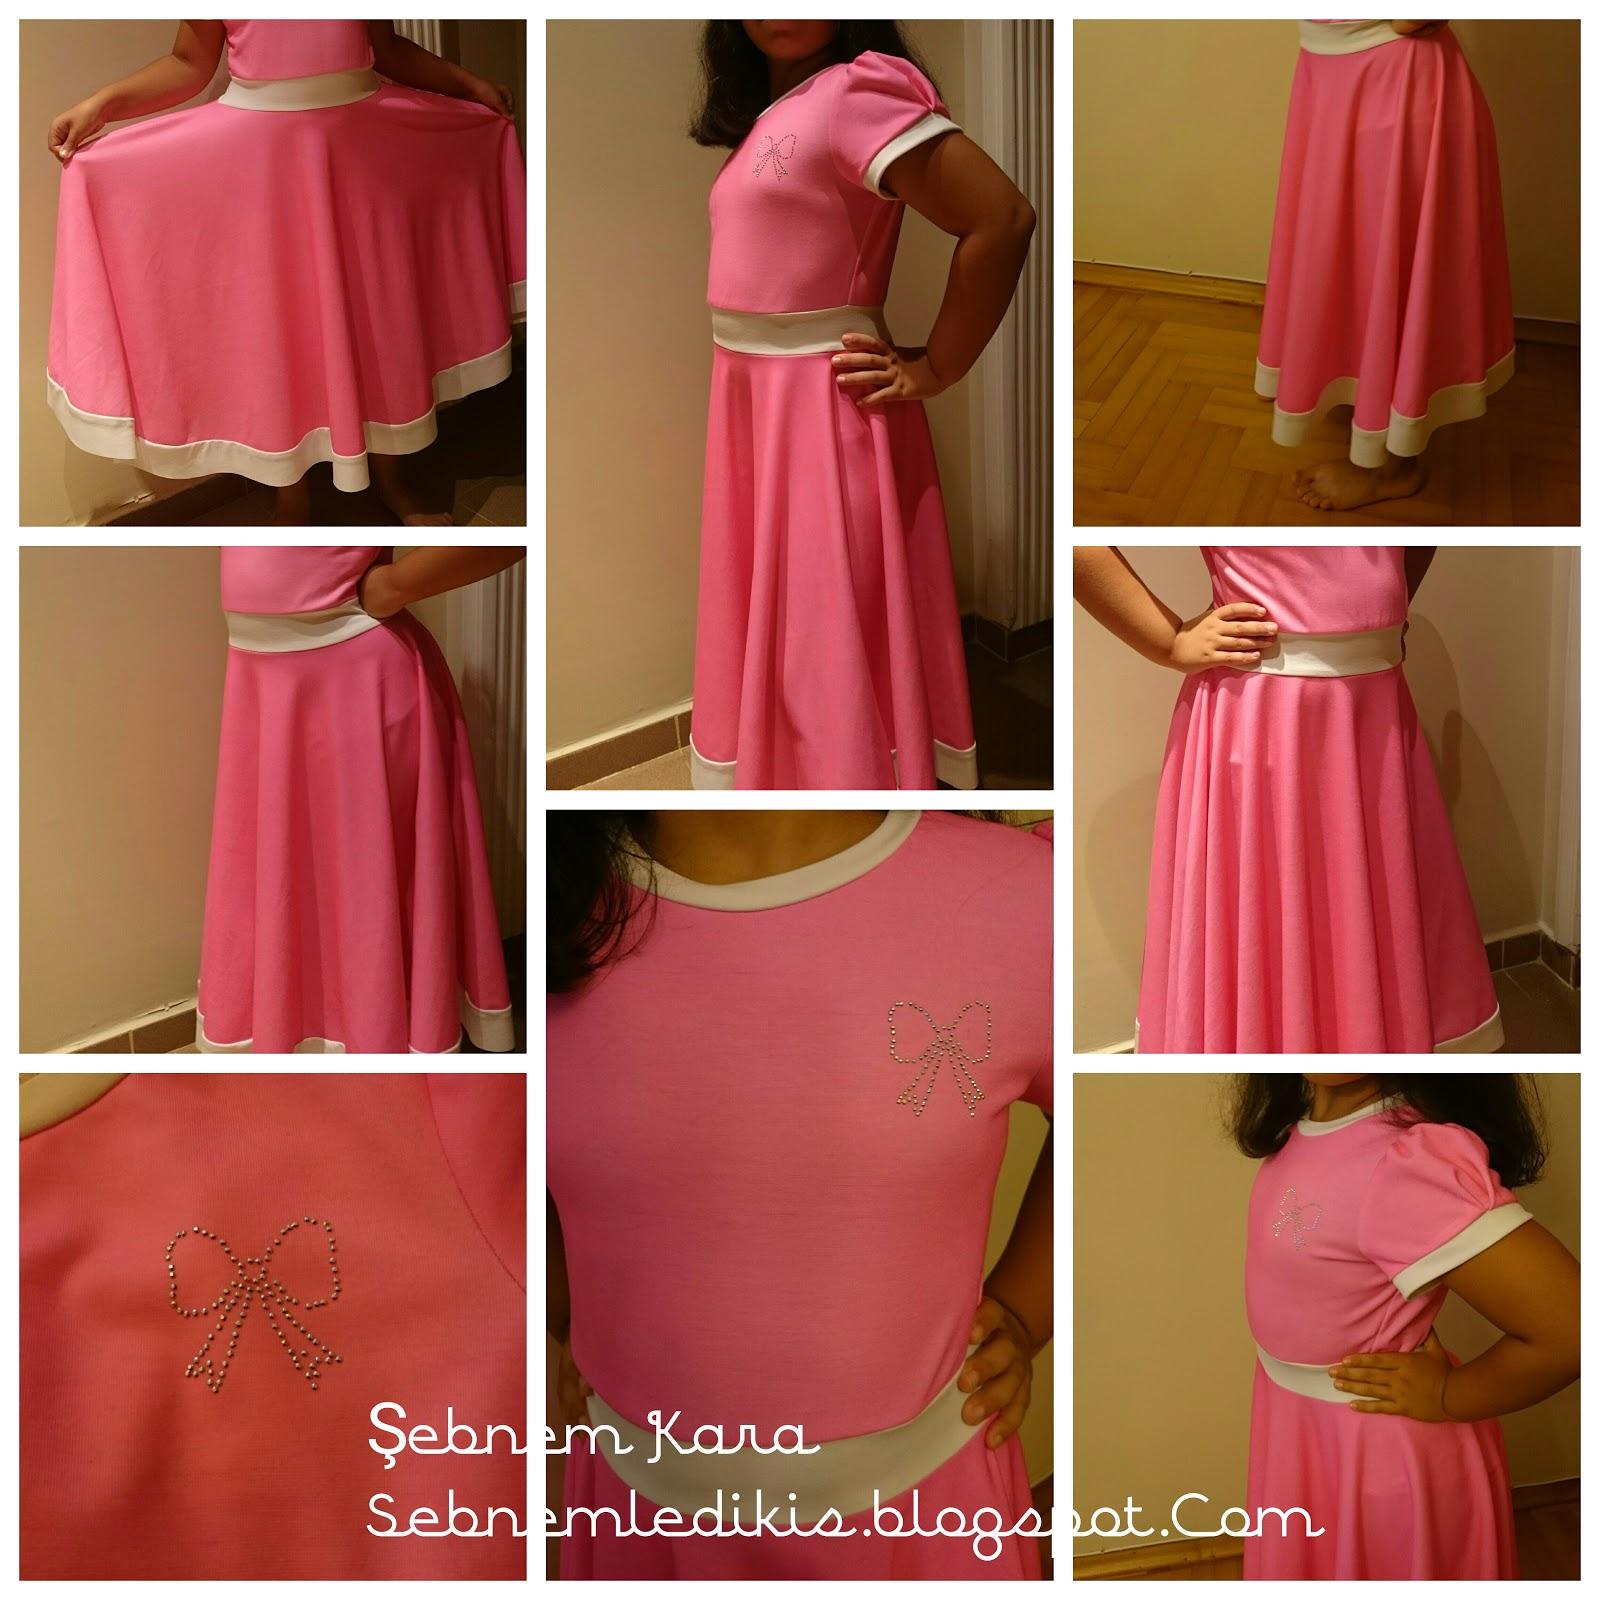 9 yaş kız çocuk için elbise modelleri